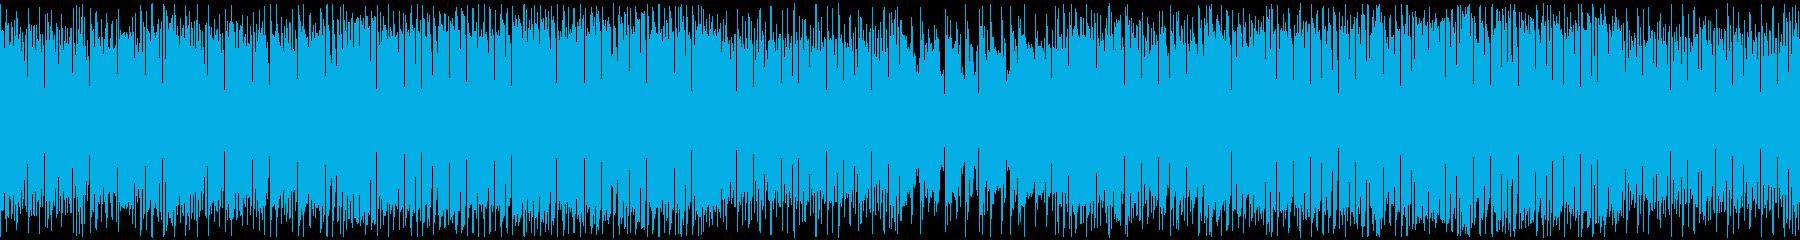 疾走感溢れるピコピコサウンド!の再生済みの波形